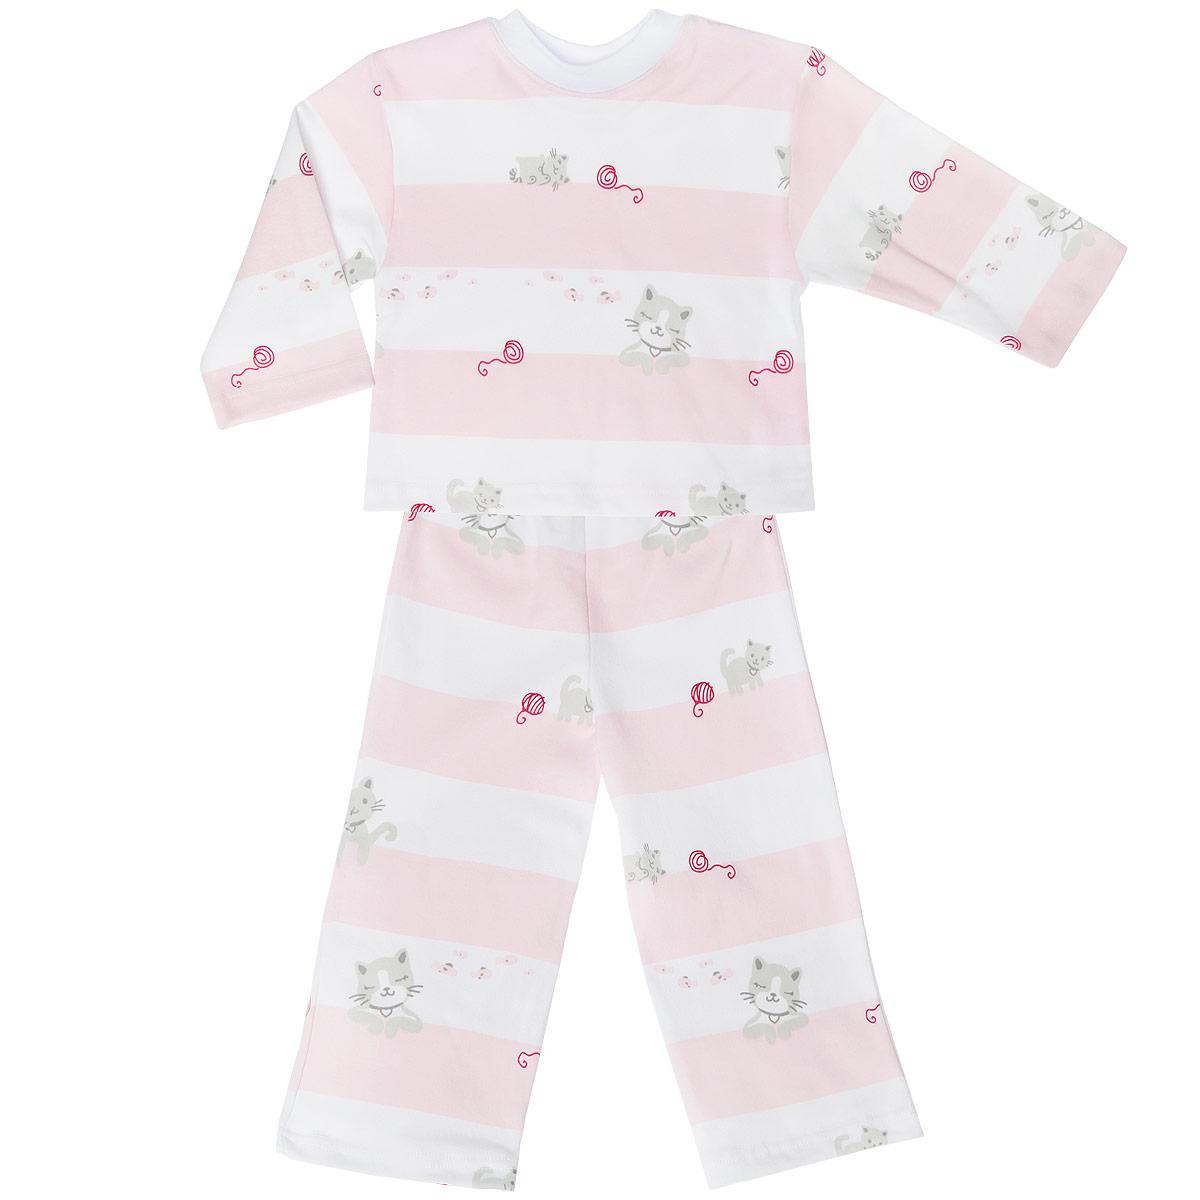 Пижама детская. 5584_котенок, полоска5584_котенок, полоскиУютная детская пижама Трон-плюс, состоящая из джемпера и брюк, идеально подойдет вашему ребенку и станет отличным дополнением к детскому гардеробу. Изготовленная из натурального хлопка, она необычайно мягкая и легкая, не сковывает движения, позволяет коже дышать и не раздражает даже самую нежную и чувствительную кожу ребенка. Джемпер с длинными рукавами и круглым вырезом горловины оформлен ненавязчивым принтом в полоску, а также изображениями котенка. Вырез горловины дополнен трикотажной эластичной резинкой. Брюки на талии имеют эластичную резинку, благодаря чему не сдавливают живот ребенка и не сползают. Оформлены брючки также ненавязчивым принтом в полоску и изображениями котенка. В такой пижаме ваш ребенок будет чувствовать себя комфортно и уютно во время сна.